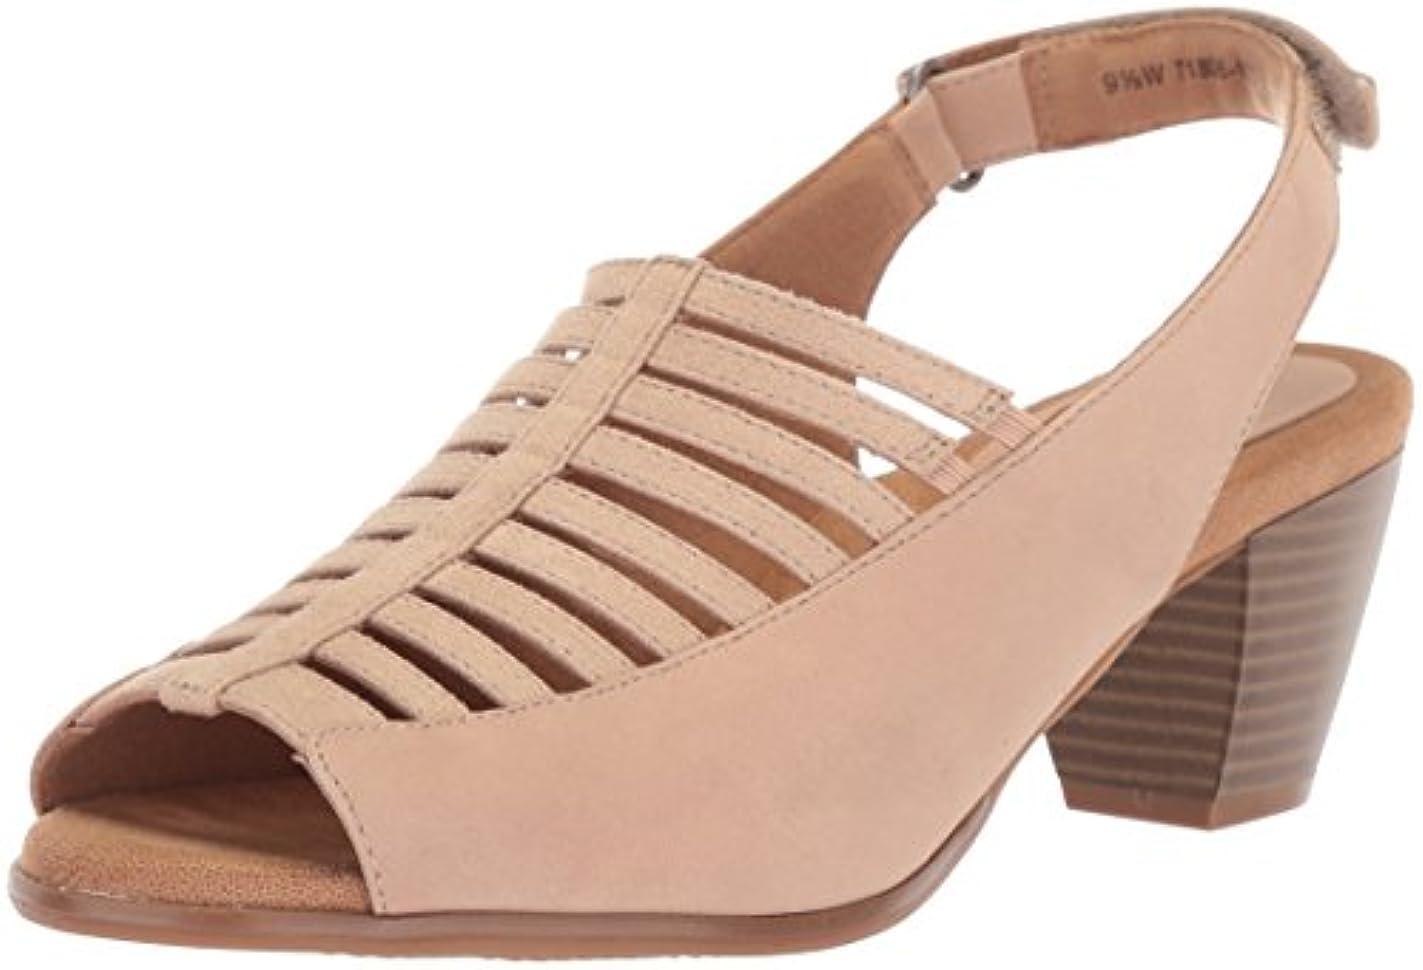 肉屋クルーソブリケット[Trotters] Women's Minnie Sandal [並行輸入品]